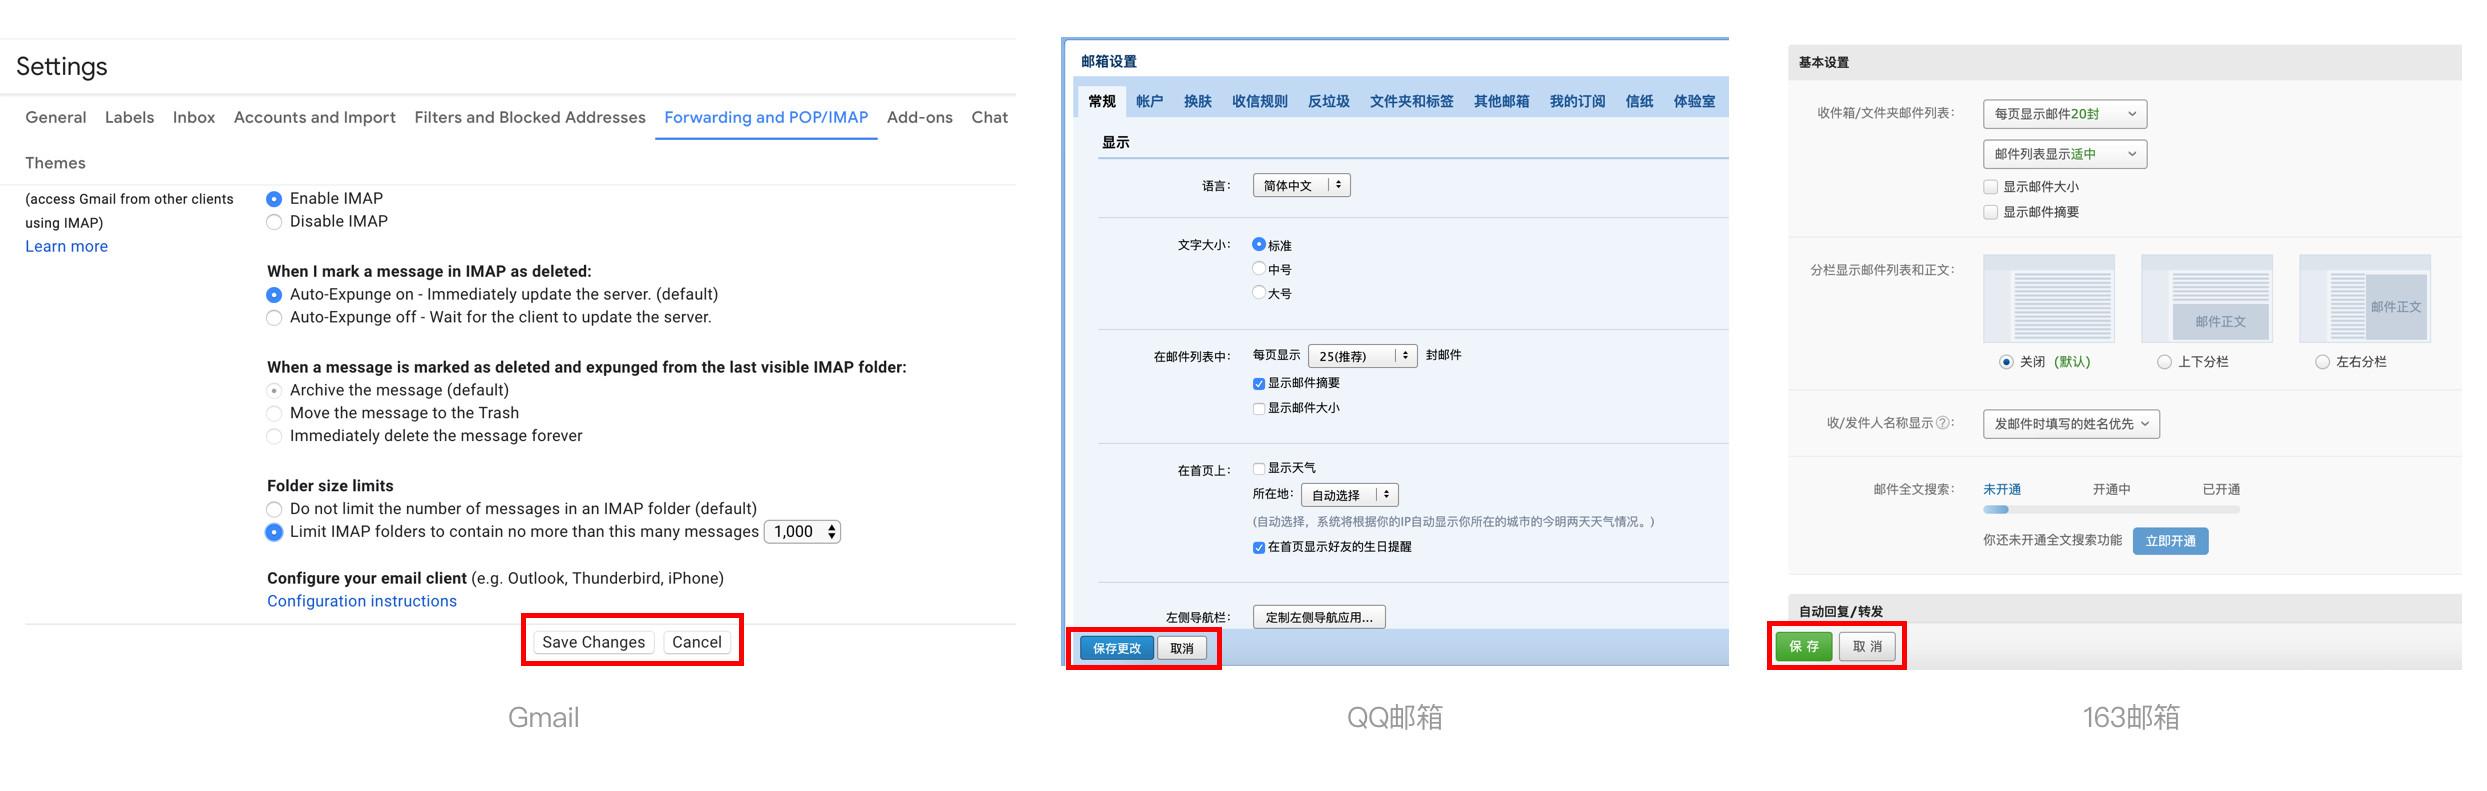 PC端产品设置页的设计